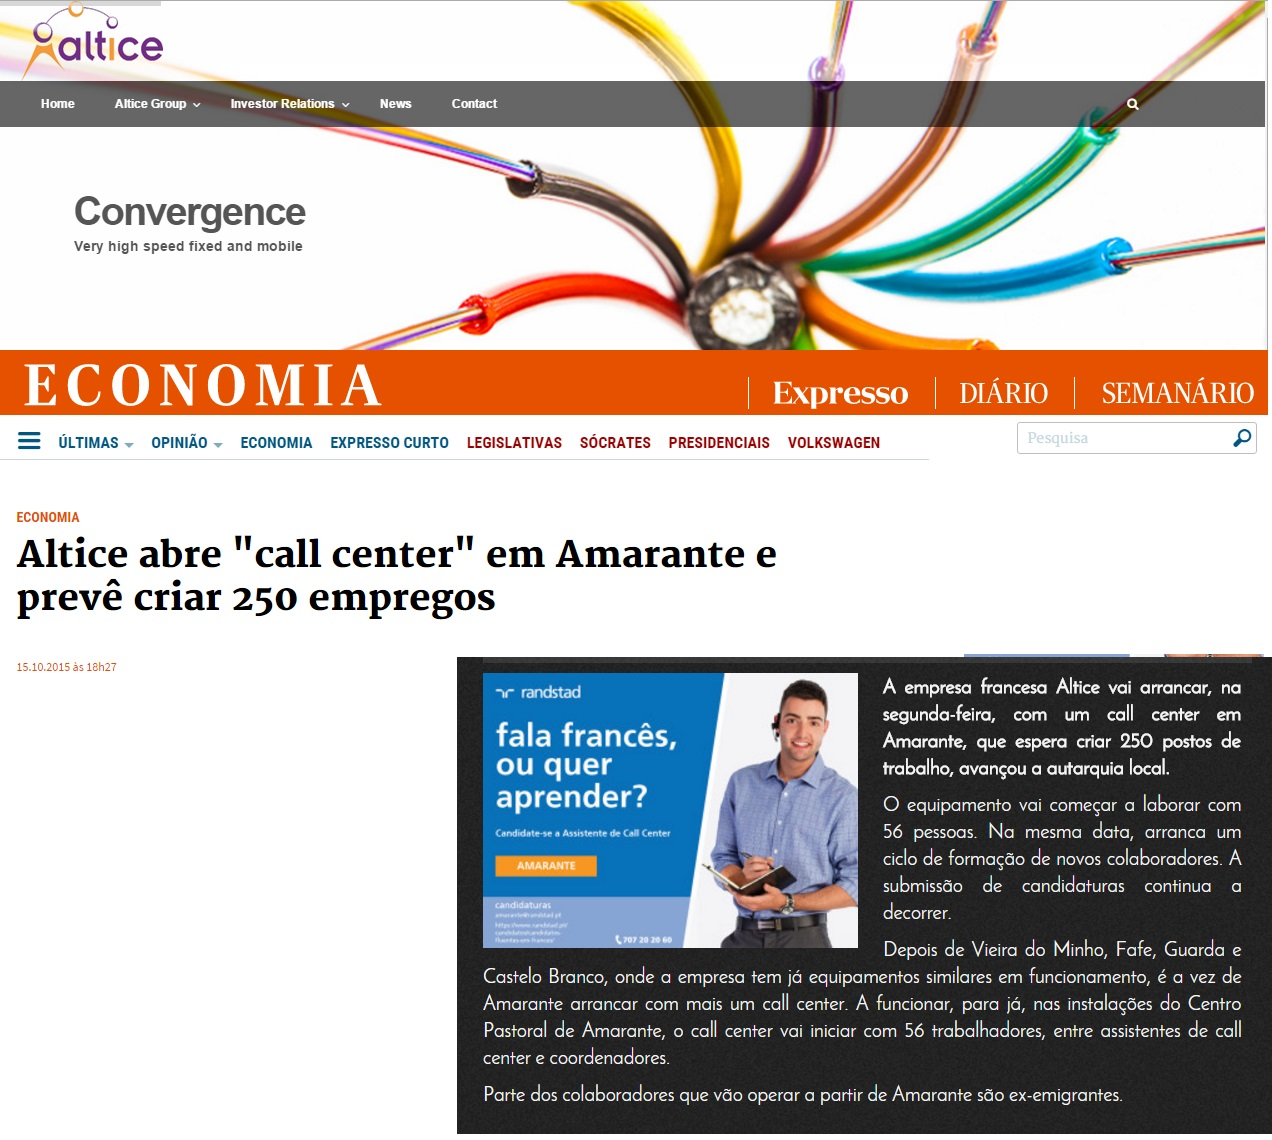 Altice presta serviço call center para empresa fr